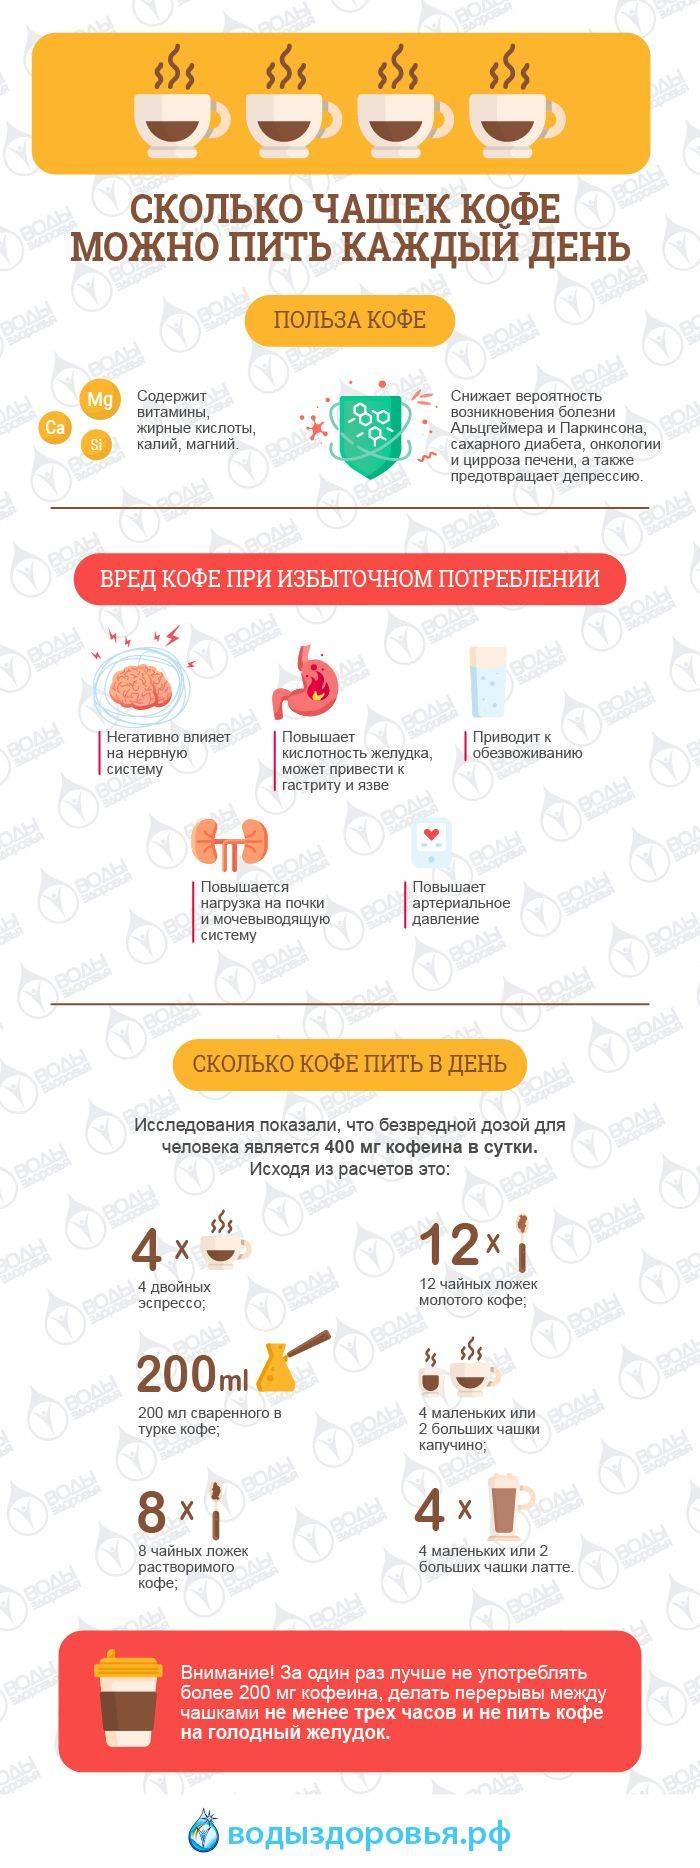 Кофе: вред и польза для здоровья человека | infoeda.com